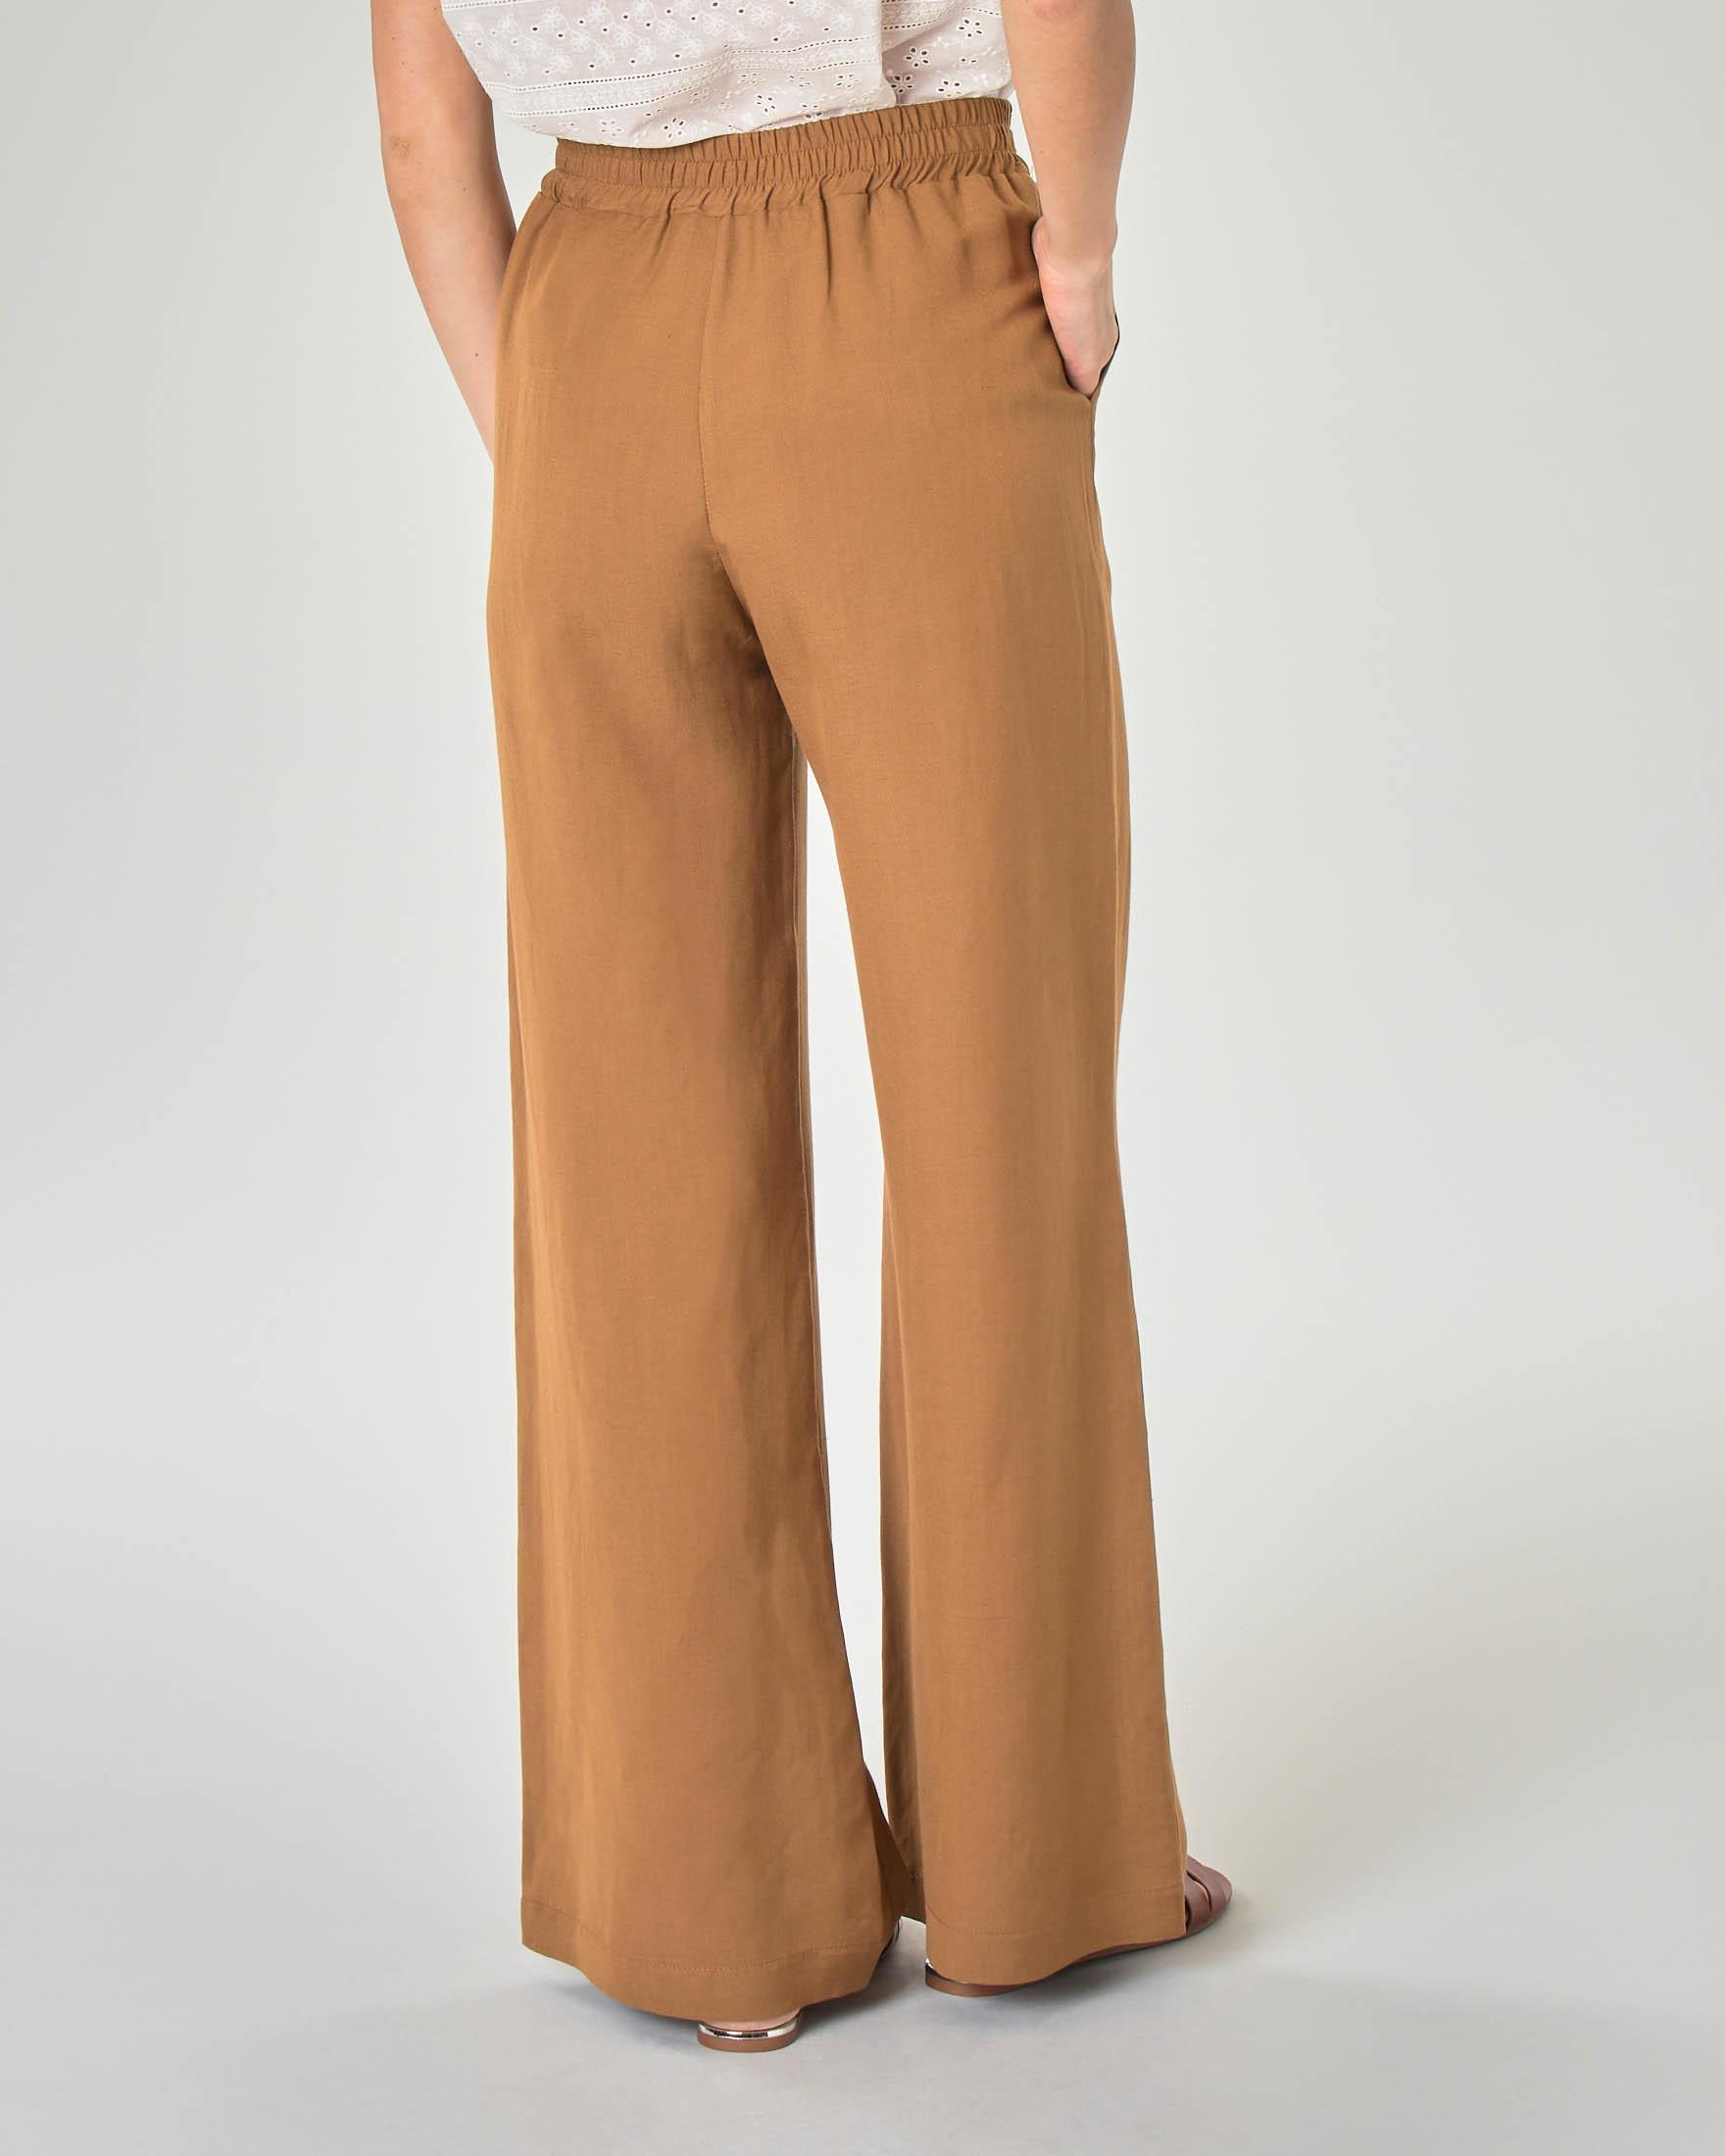 Pantaloni palazzo color cammello in viscosa misto lino